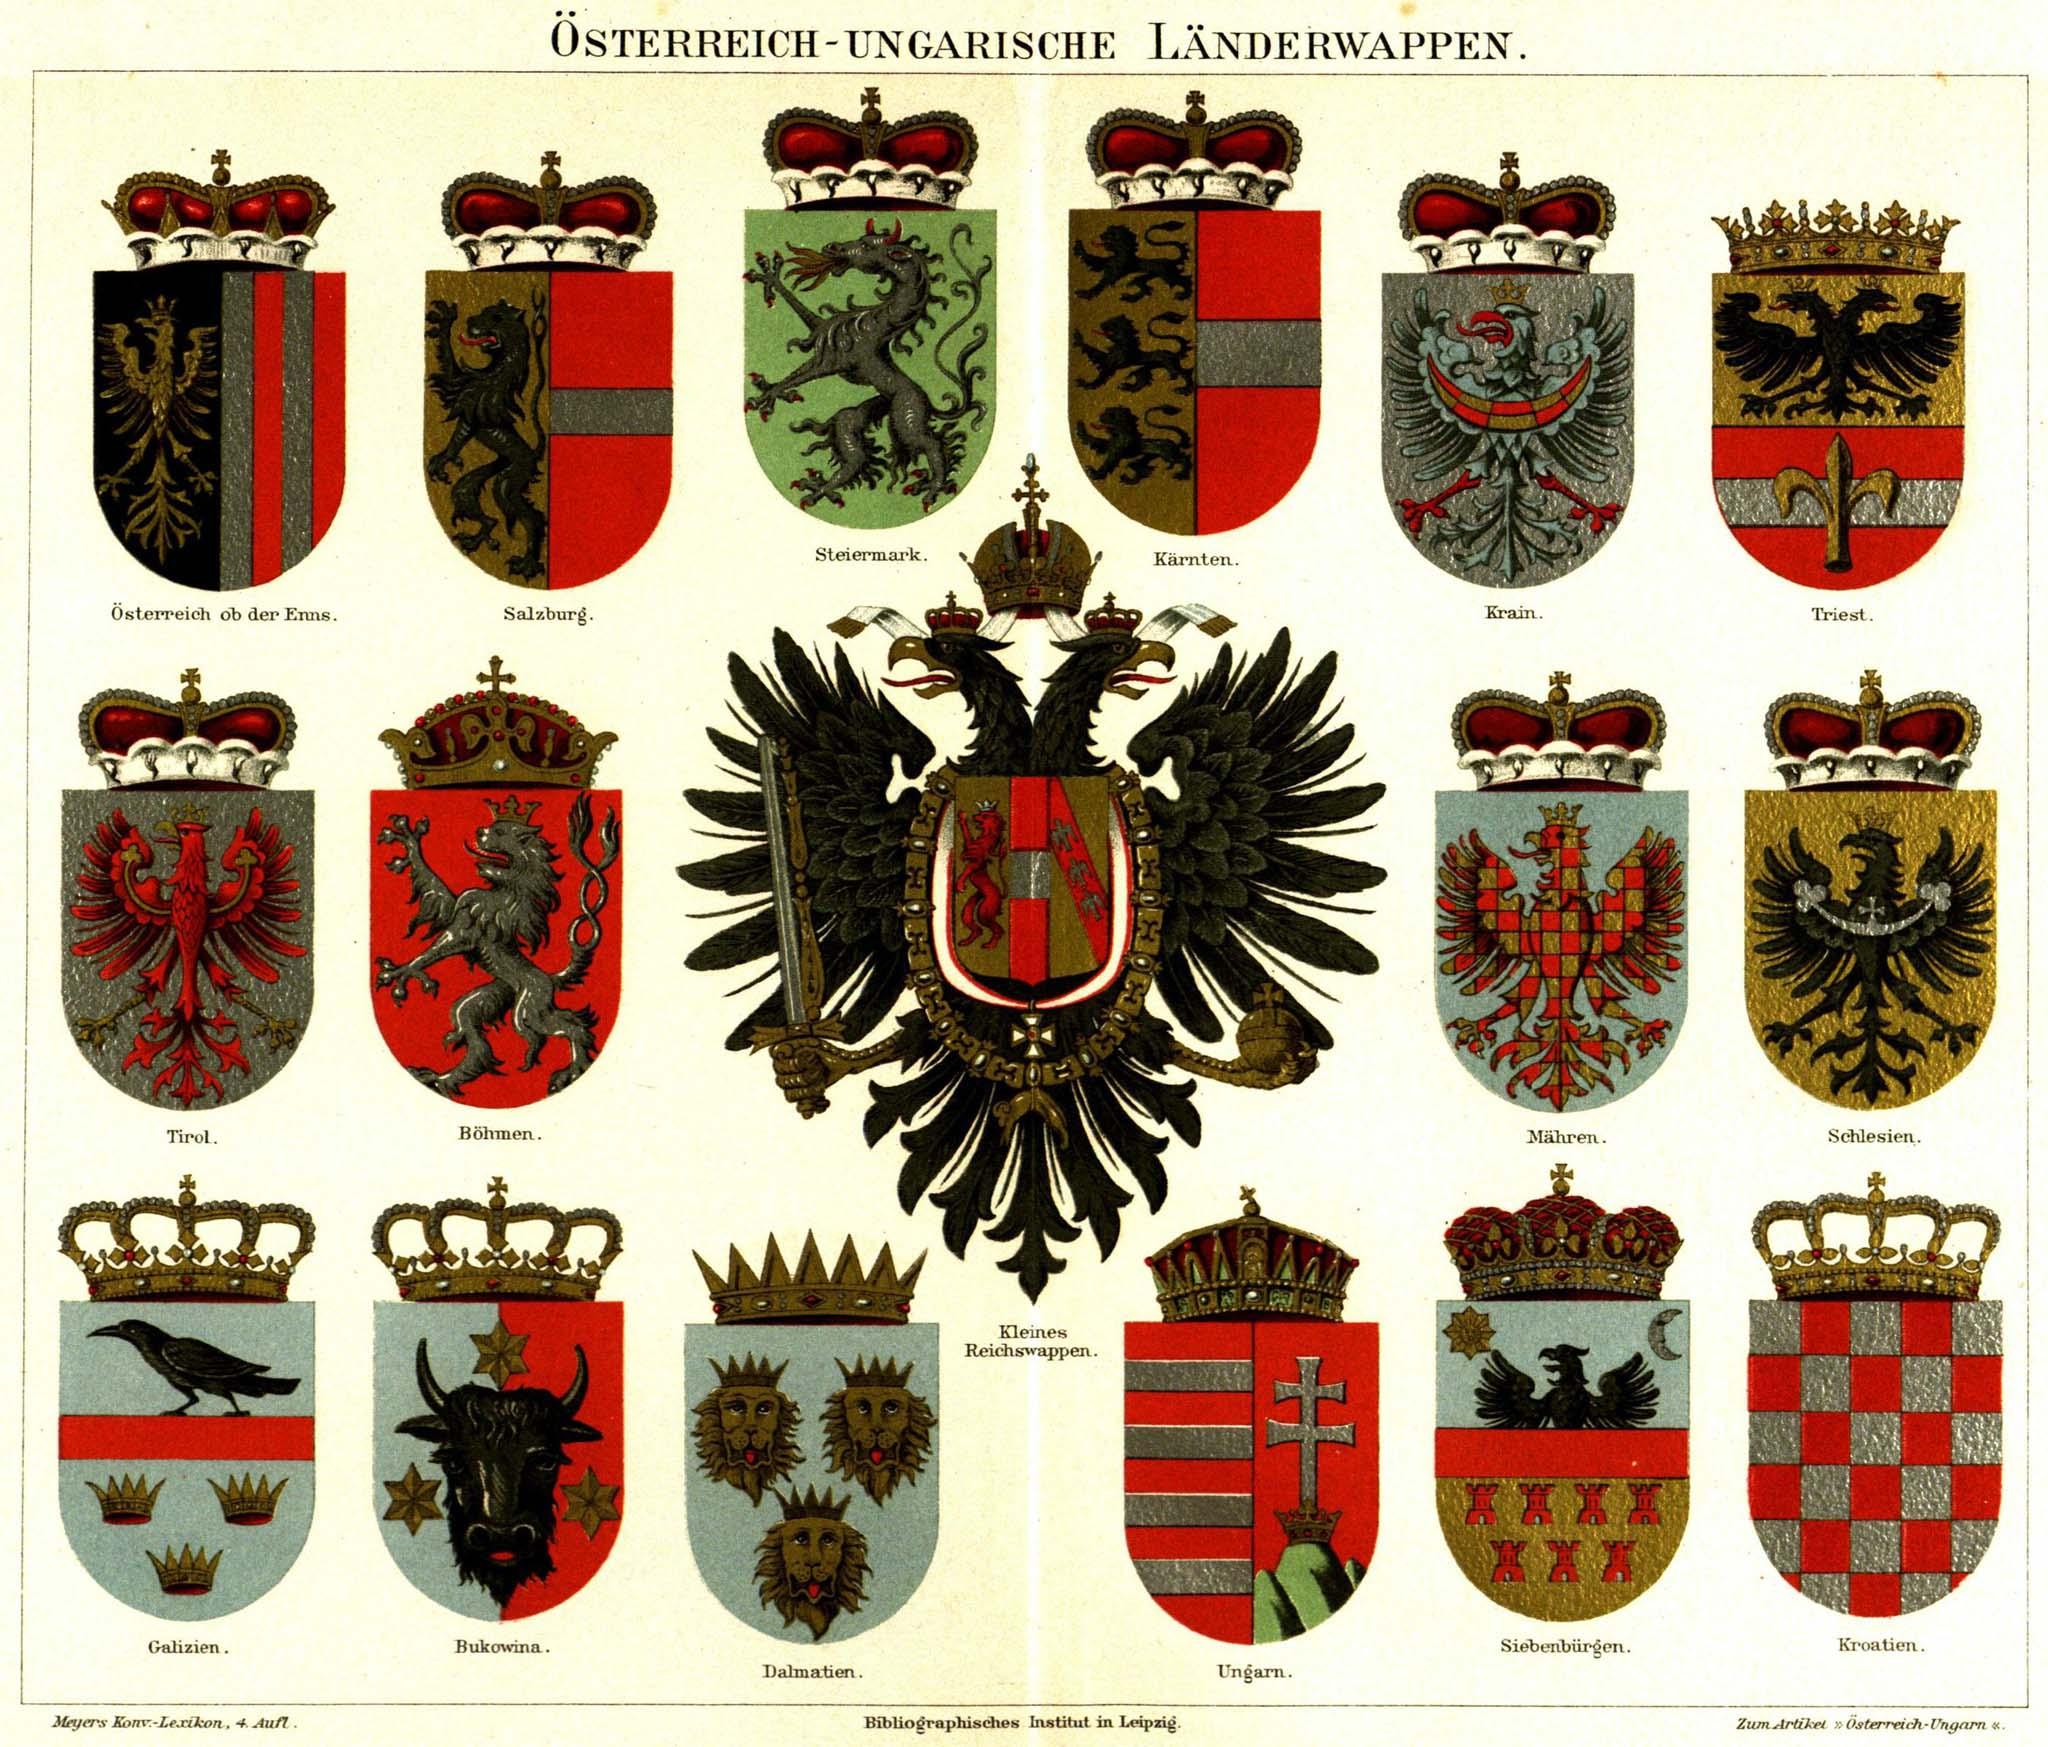 Deutsch Jahrgang Bilder - PICTOACOM